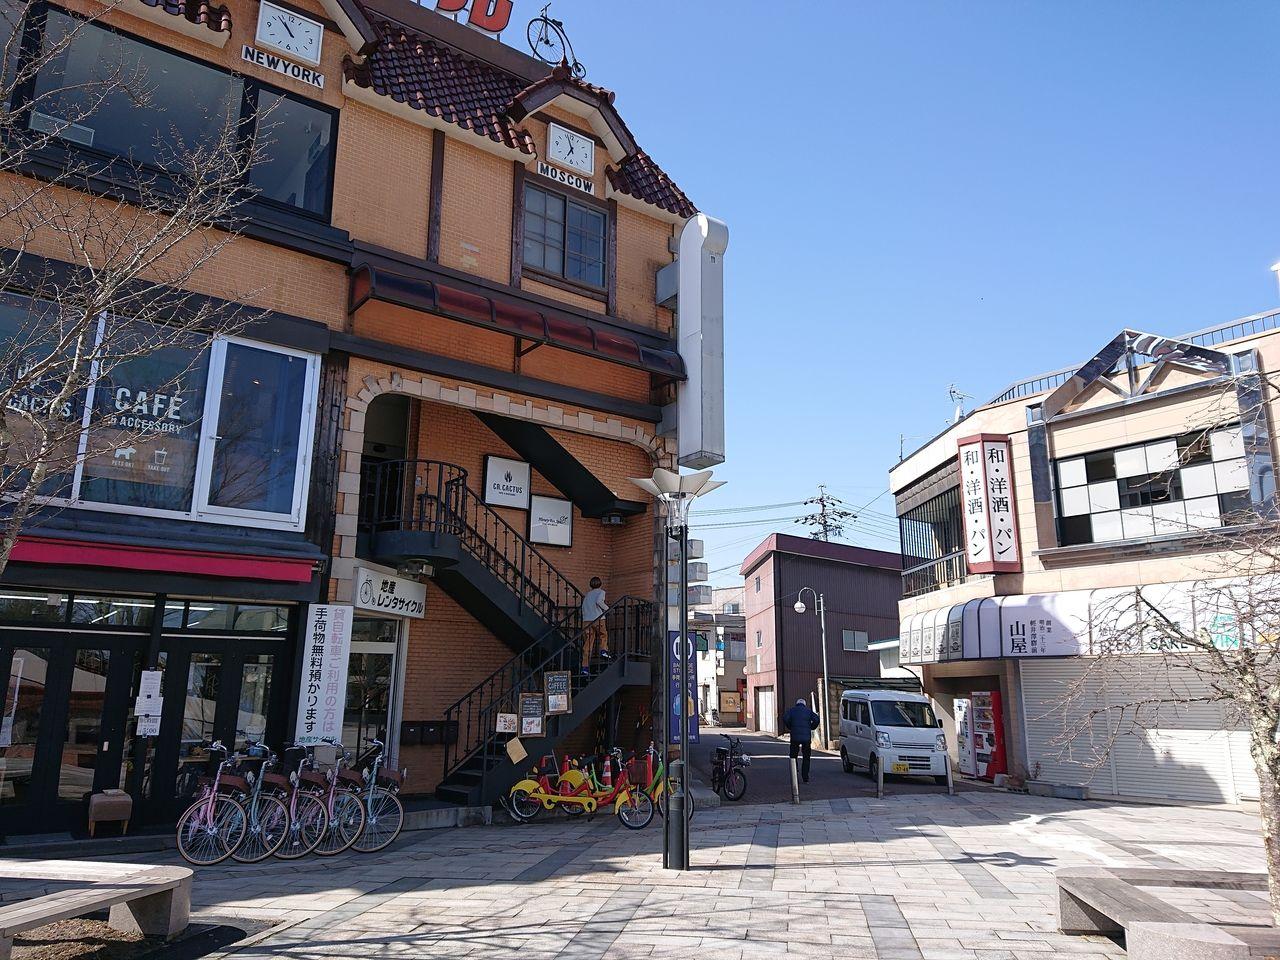 軽井沢グルメ カフェ「CR.CACTUS cafe&accessory シーアール カクタス カフェ&アクセサリー」 店内ペット可